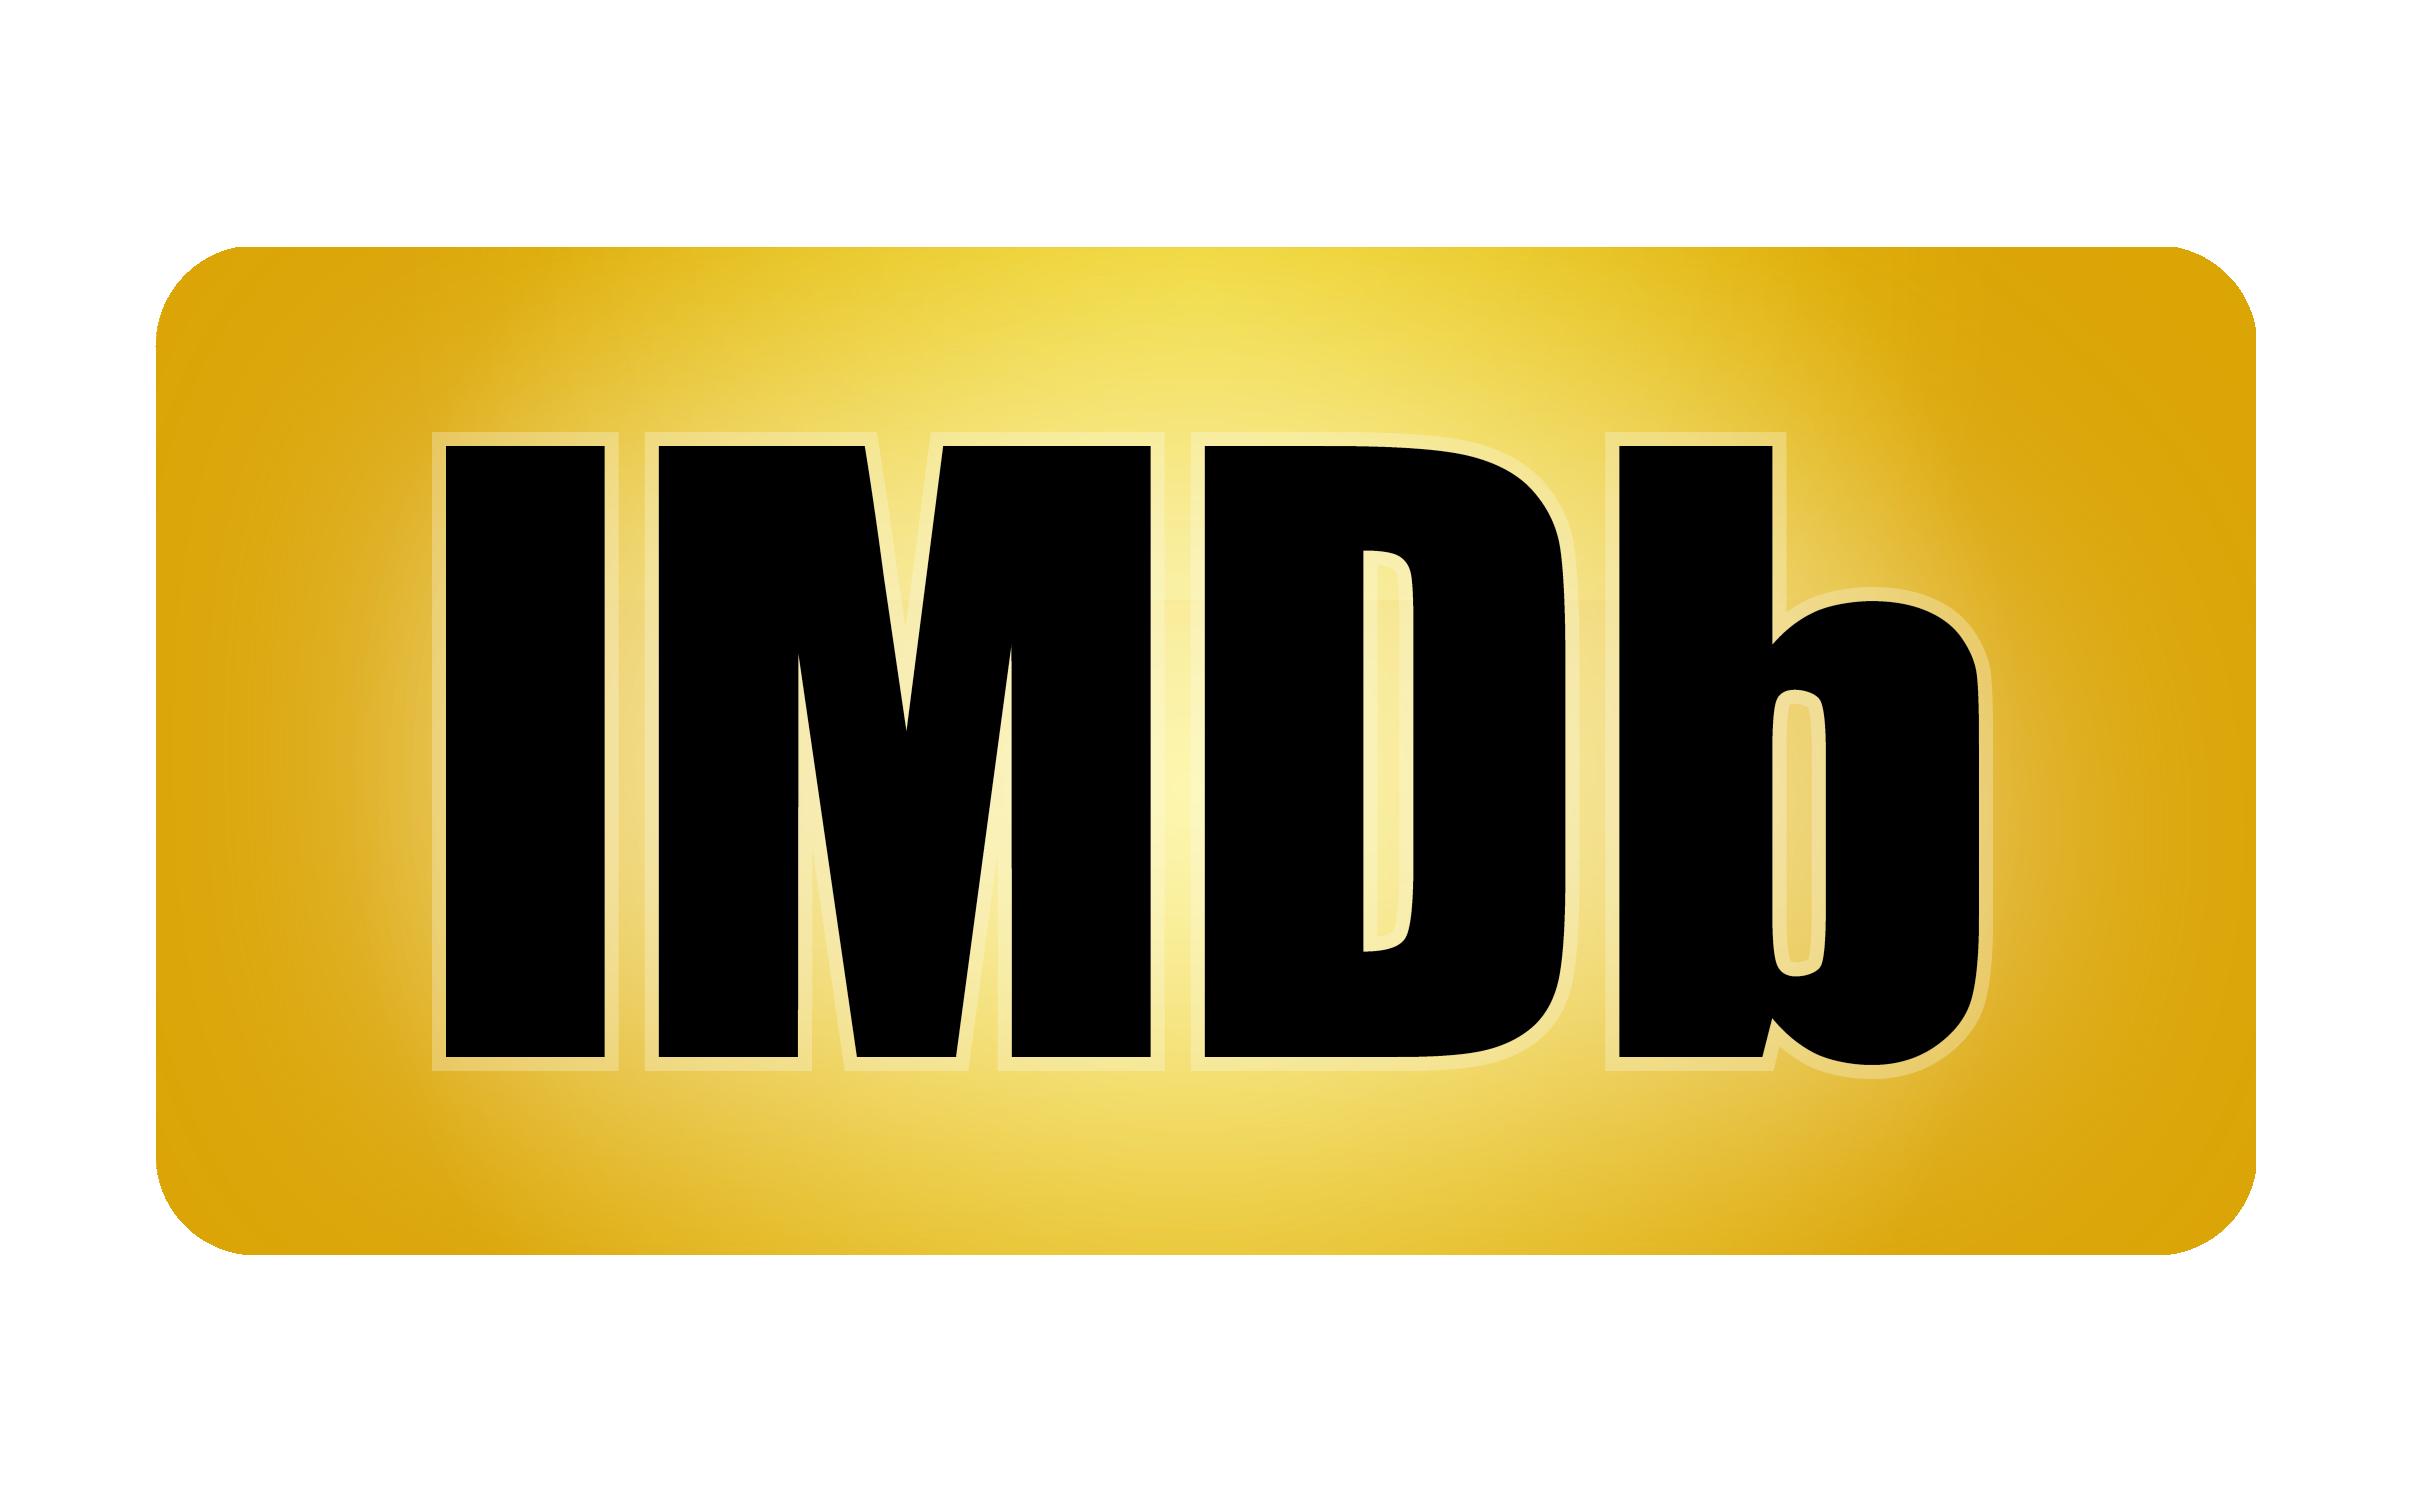 早安少女组图册  gt  词条图片 furthermore California Basketmakers likewise IMDb Logo likewise Gears Of War 3 Characters moreover Manjari Fadnis. on 428 html